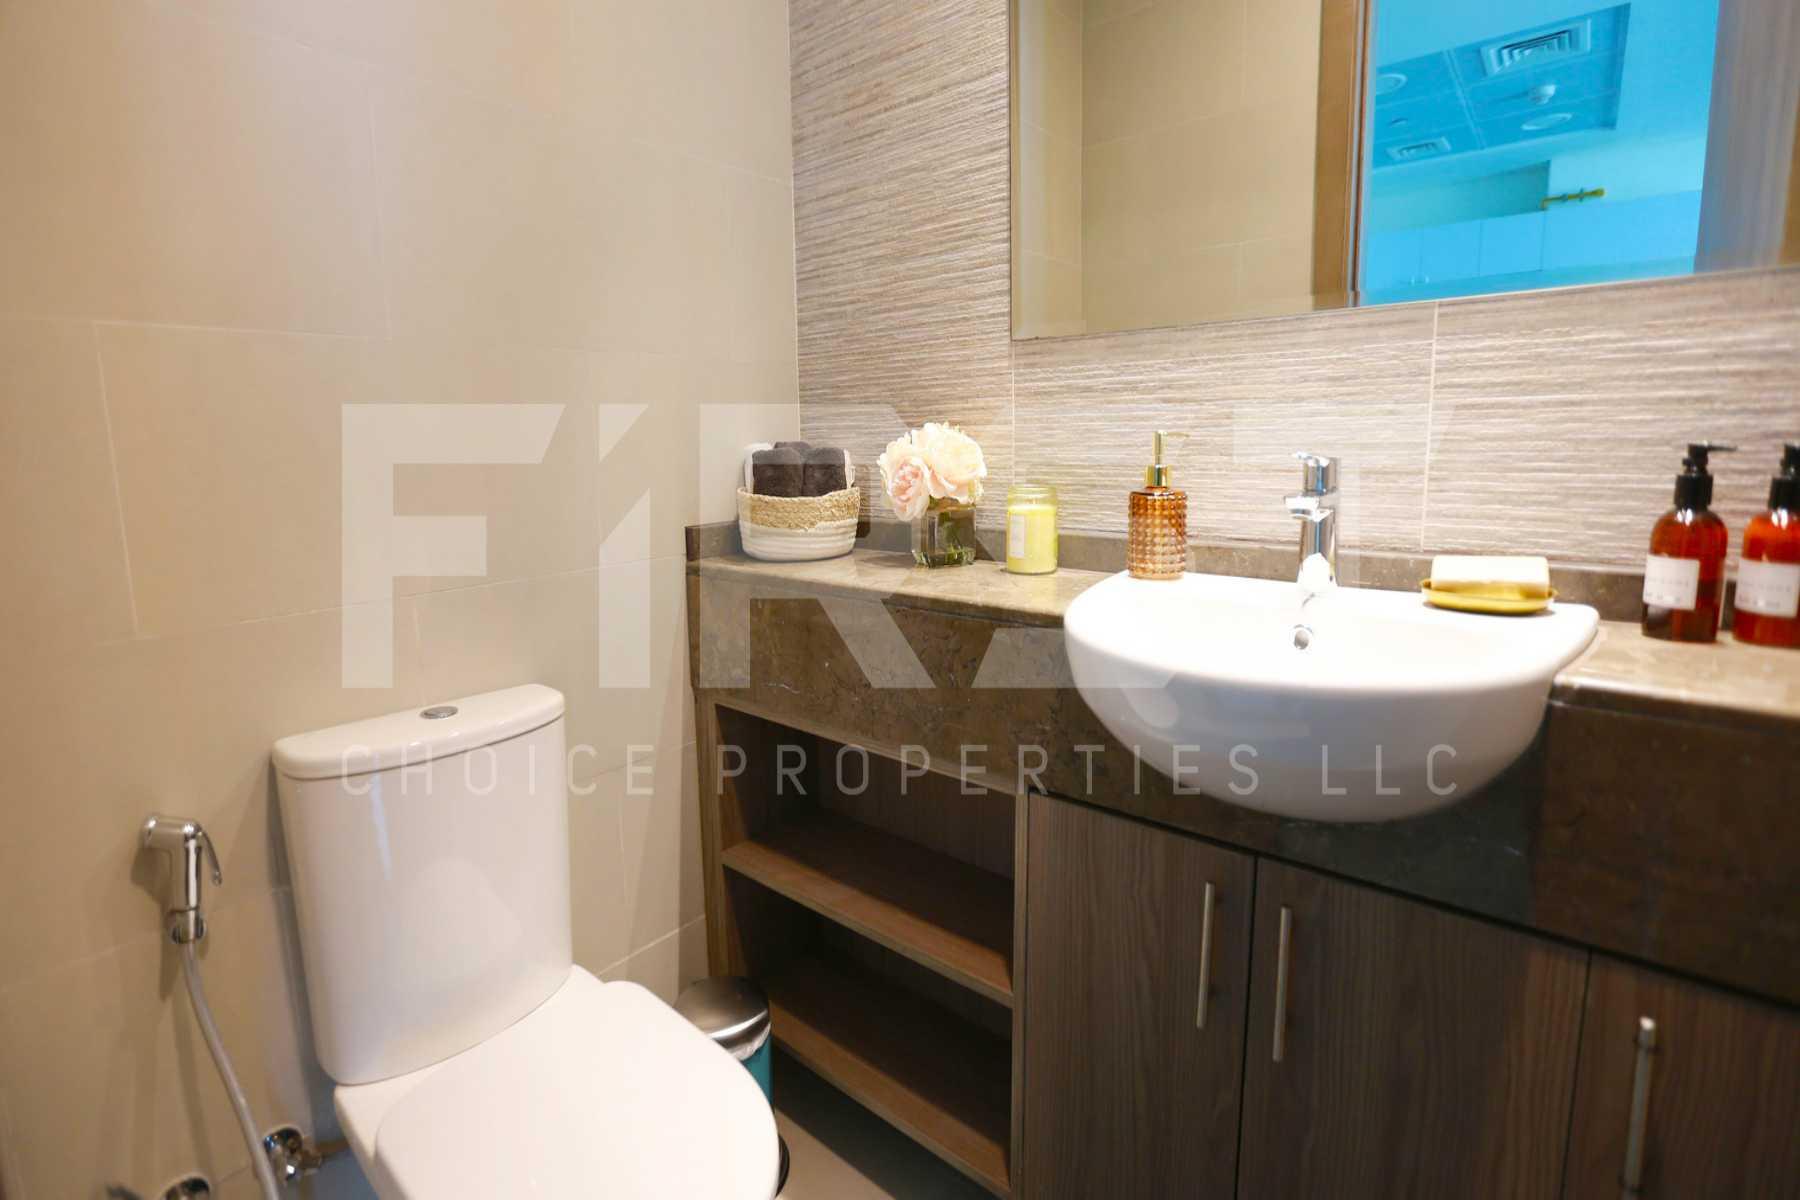 Internal of 1 Bedroom Apartment in Park view Saadiyat Ilsand Abu Dhabi UAE (4).jpg